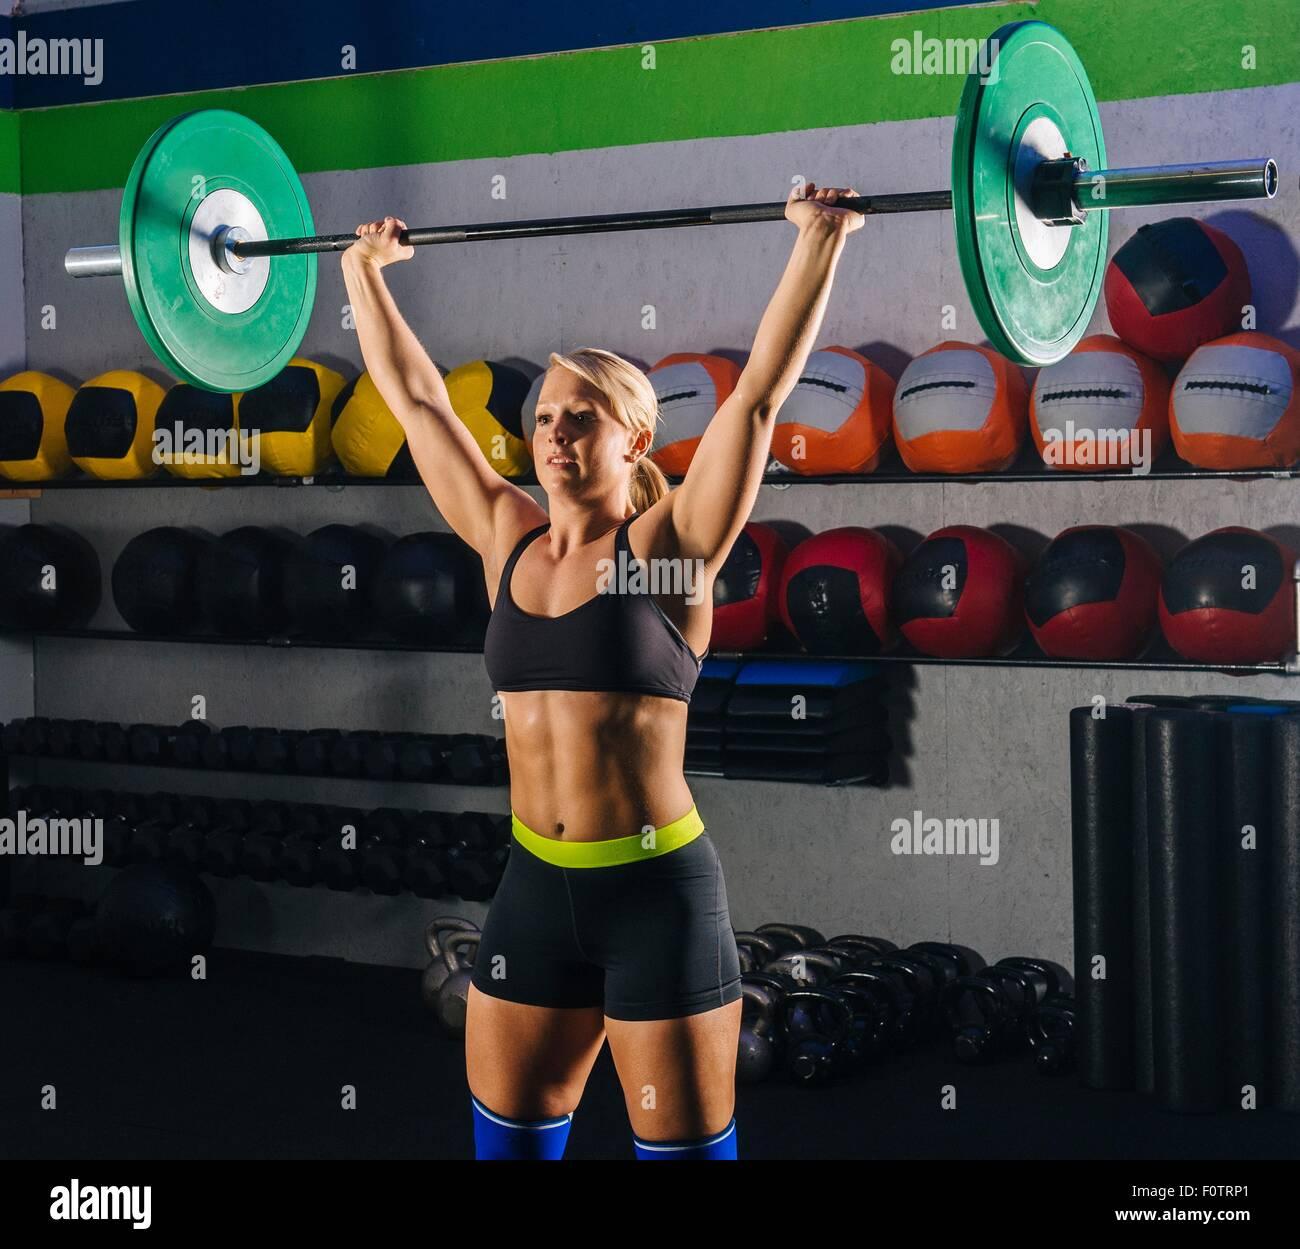 Mujer joven con levantamiento de pesas en el gimnasio barbell Imagen De Stock